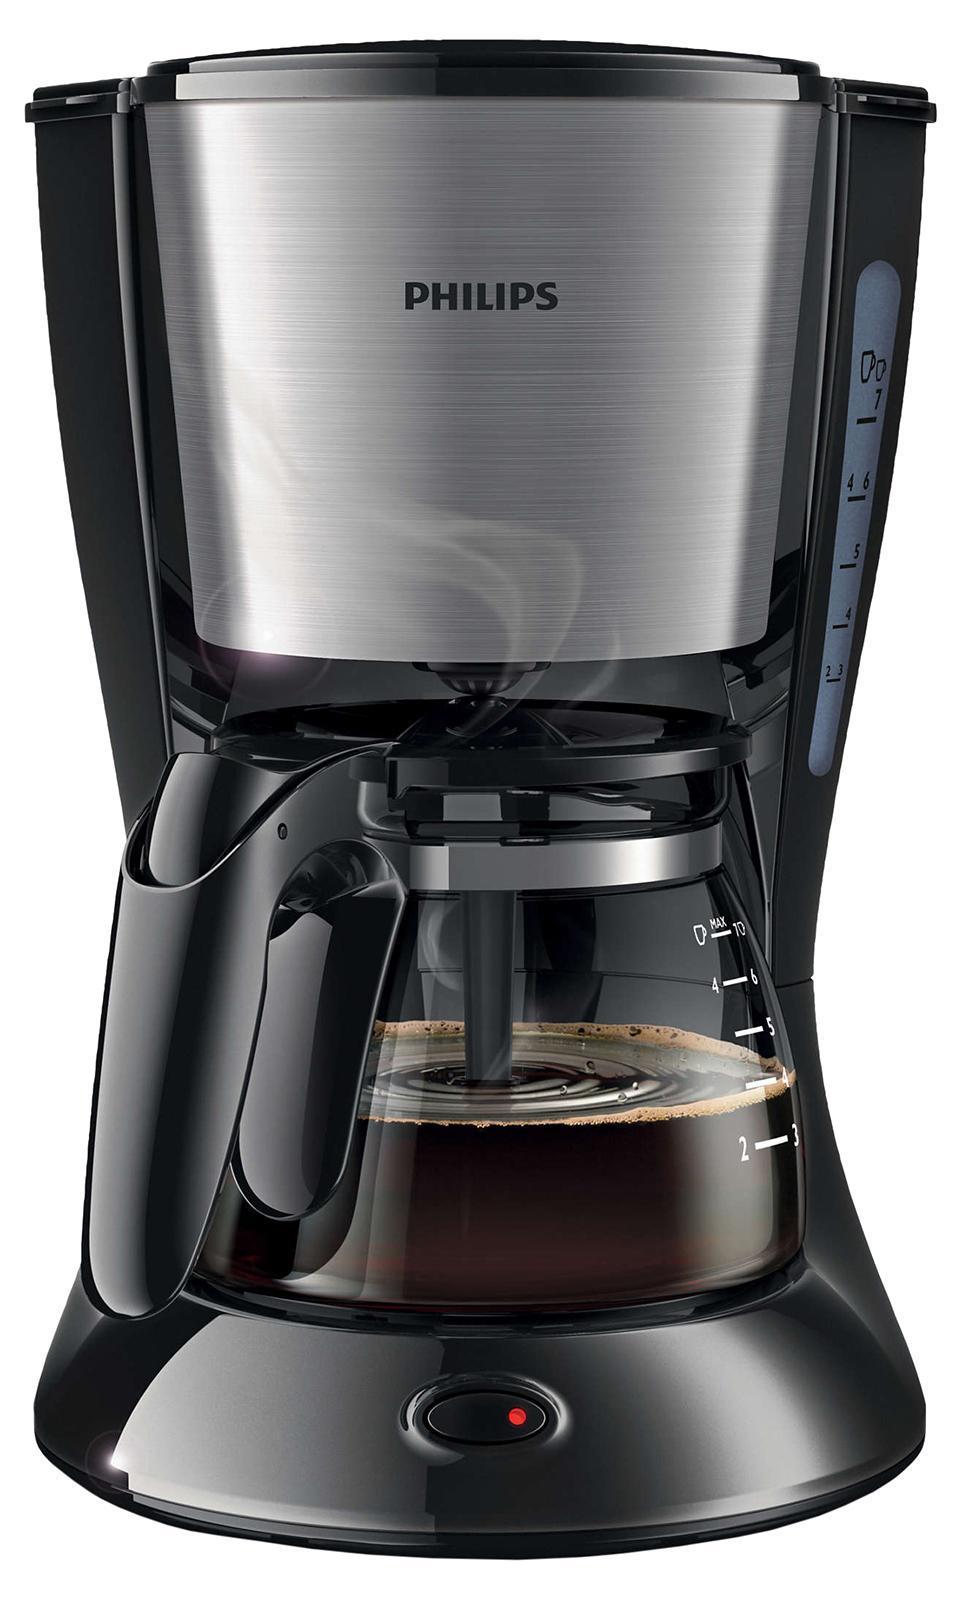 Philips HD7434/20 кофеваркаHD7434/20Функция AromaSwirl для насыщенного аромата кофе. Функция AromaSwirl перемешиваеткофе для создания насыщенного вкуса и аромата. Система капля-стоппозволяет прервать приготовление кофе в любой момент.Система капля-стоп позволяет в любой момент прервать приготовление иналить в чашку ароматный кофе Удобство очистки: съемные частиможно мыть в посудомоечной машине. Для удобной очистки все деталиэтой кофеварки Philips можно мыть в посудомоечной машине.